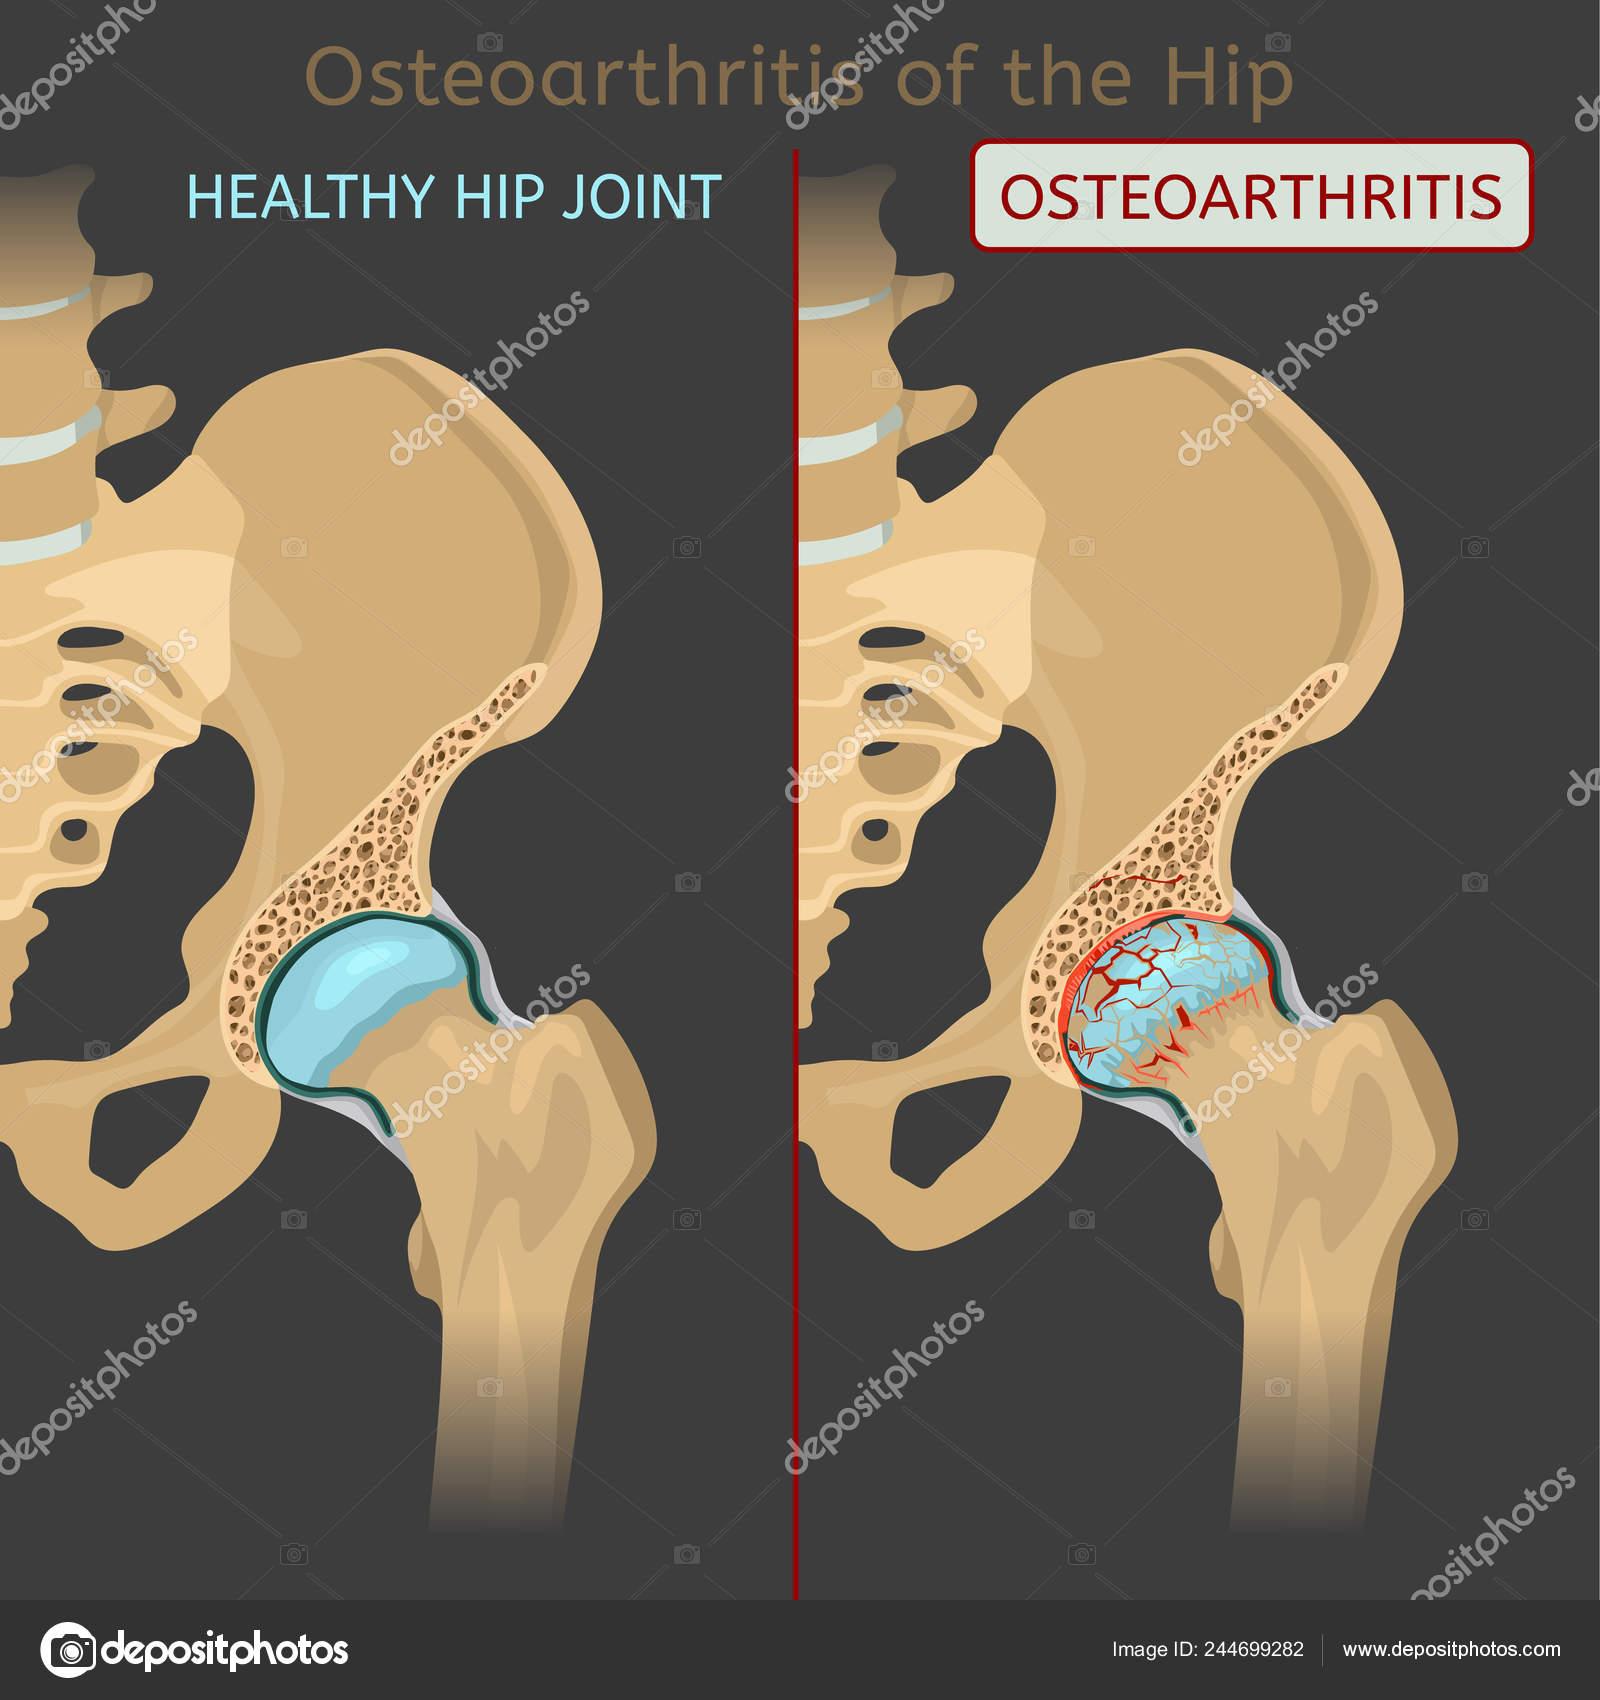 ízületek osteoarthrosis kórtörténetét a lábak ízületei időnként fájnak